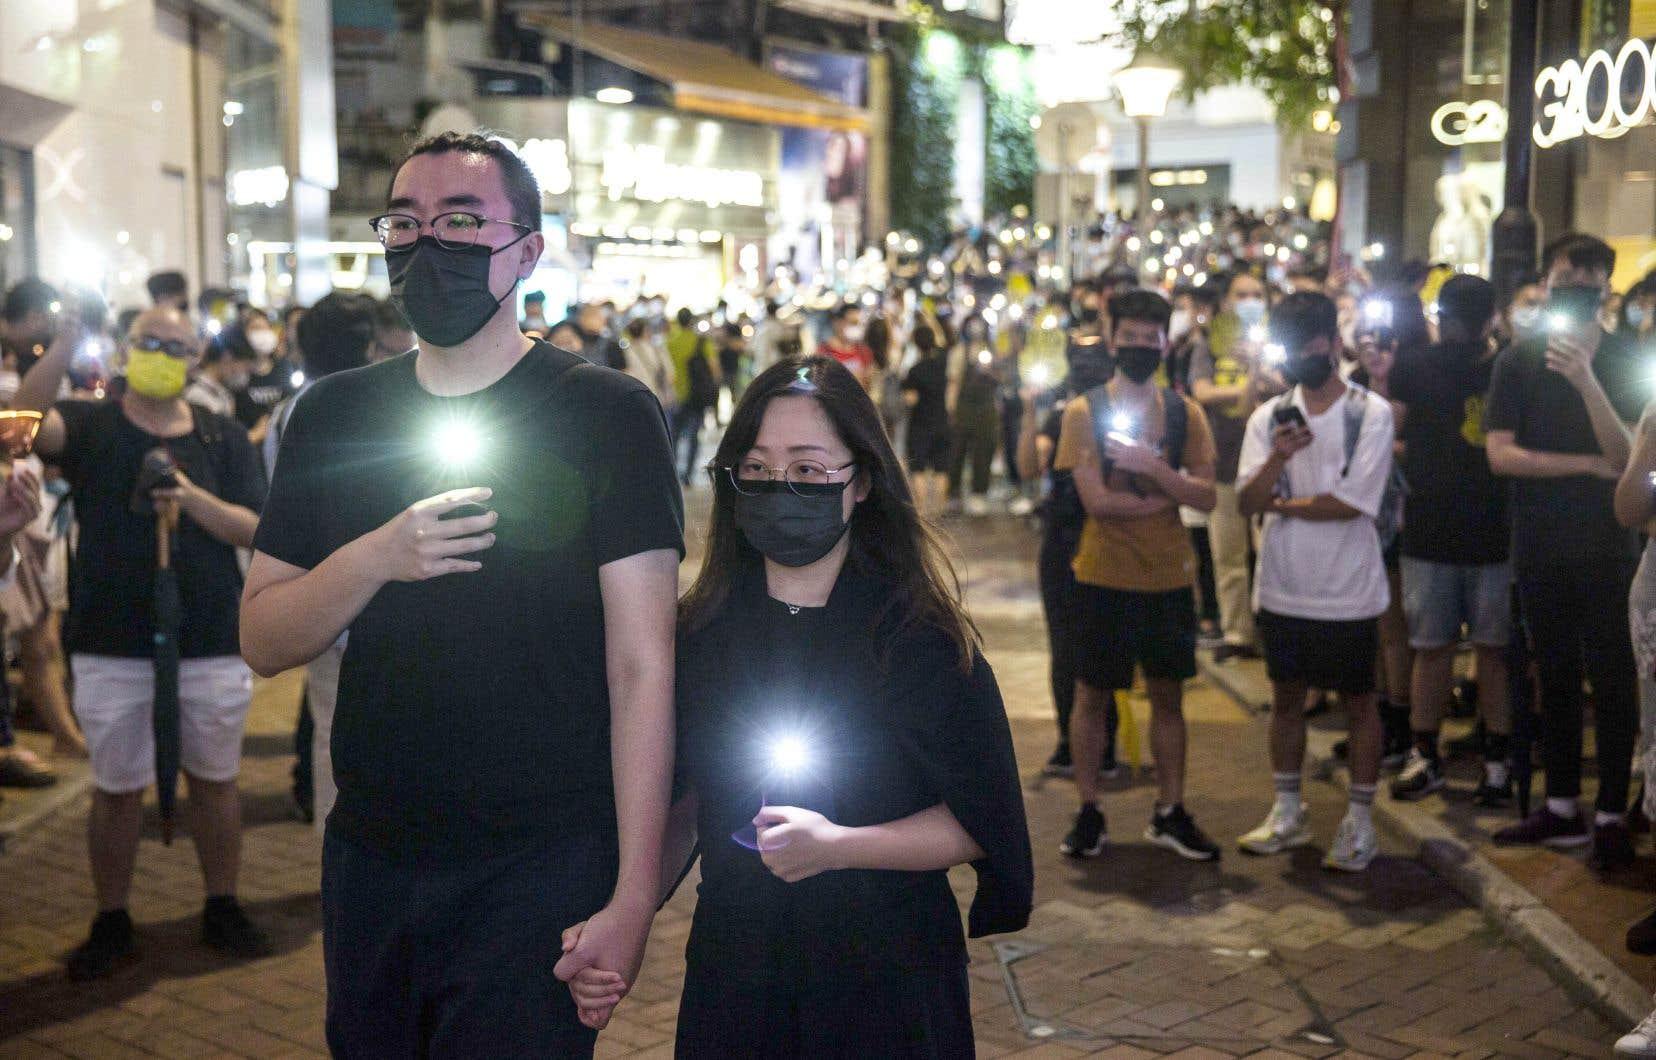 Face à l'impossibilité de se rassembler, certains habitants ont allumé de petites lumières dans les rues de la ville, soit de vraies bougies, soit la fonction lampe de téléphones portables.